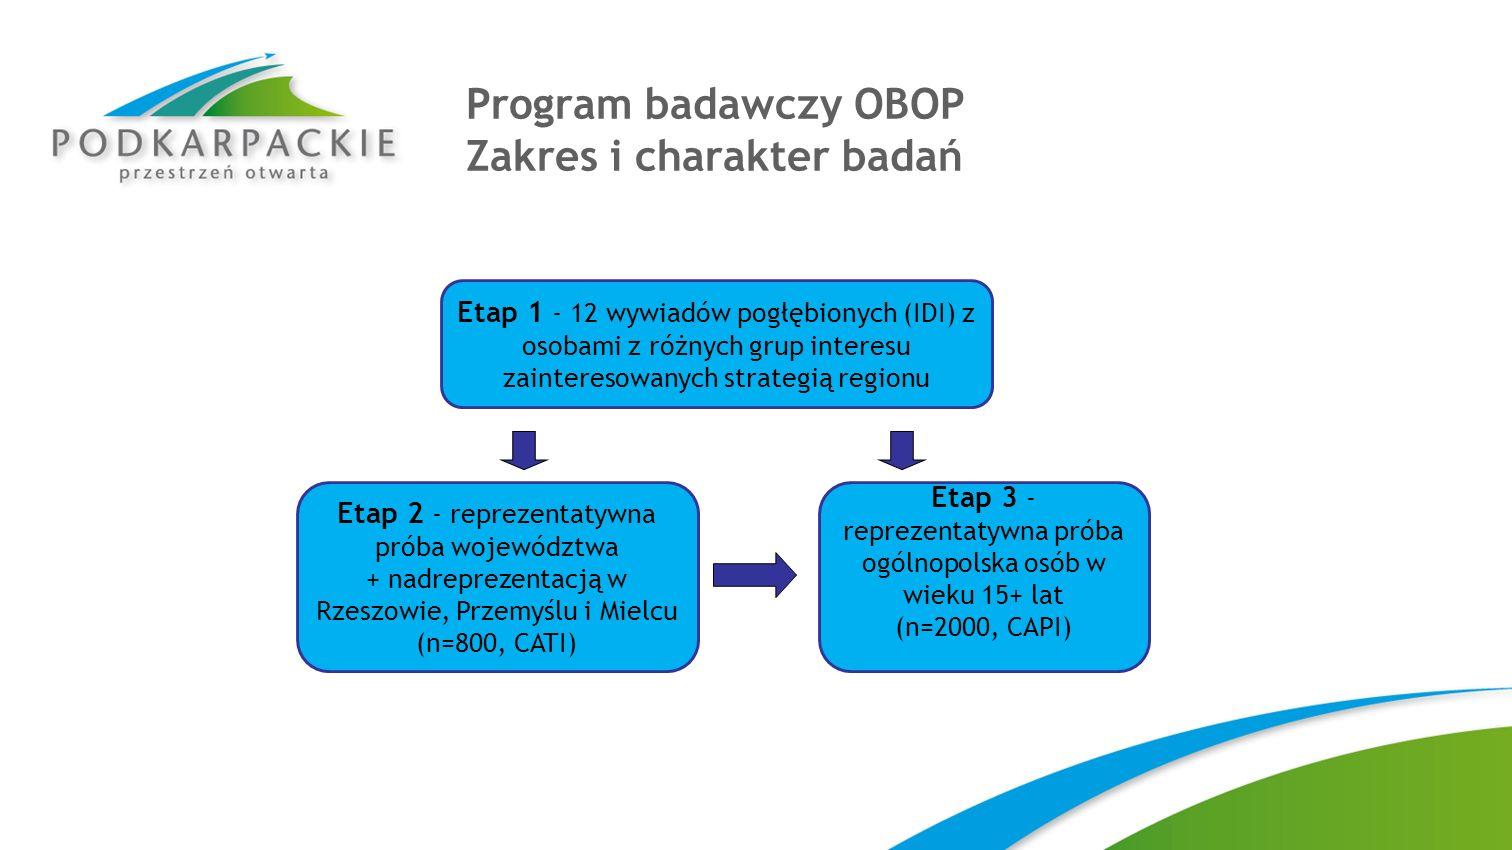 Kompleksowa kampania wizerunkowa regionu: nośniki Infoscreen 2 etapy kampanii: 12.03.1012 - 25.03.2012 01.05.2012 - 30.05.2012 10 s.